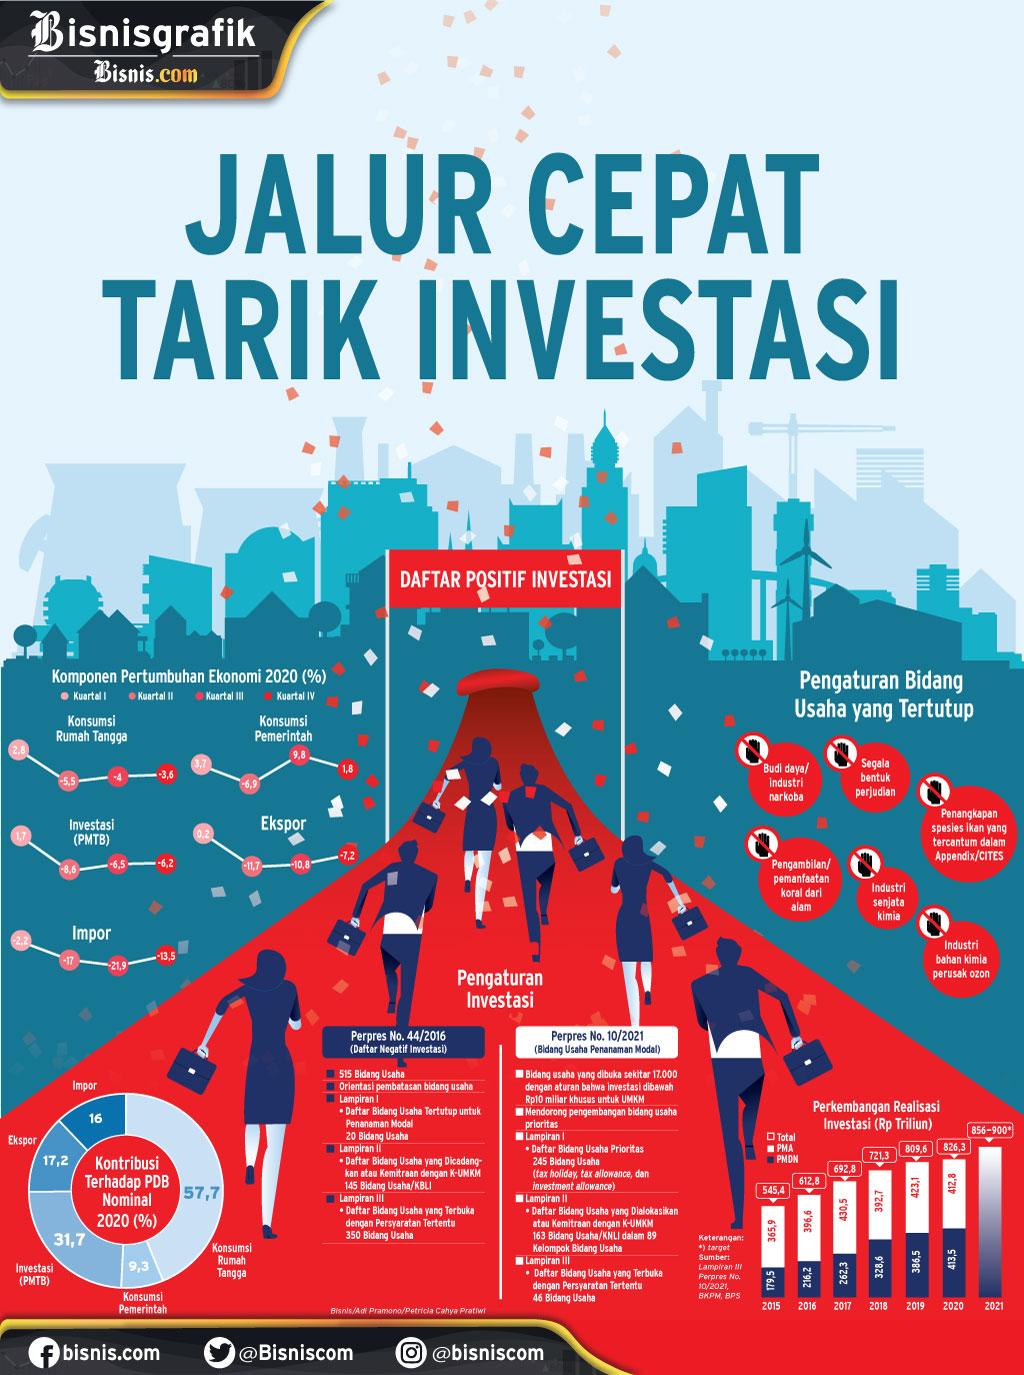 BELEID PENANAMAN MODAL : Jalur Cepat Tarik Investasi